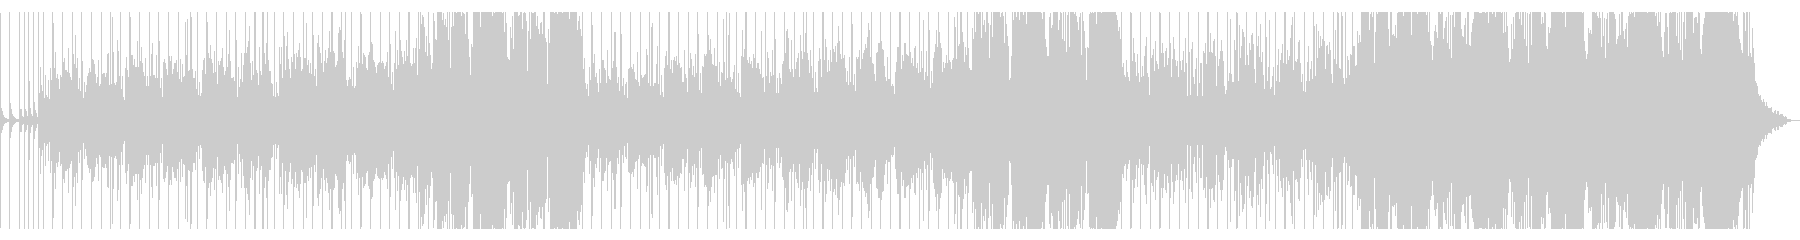 スティールドラムが印象的な夏のレゲエの未再生の波形